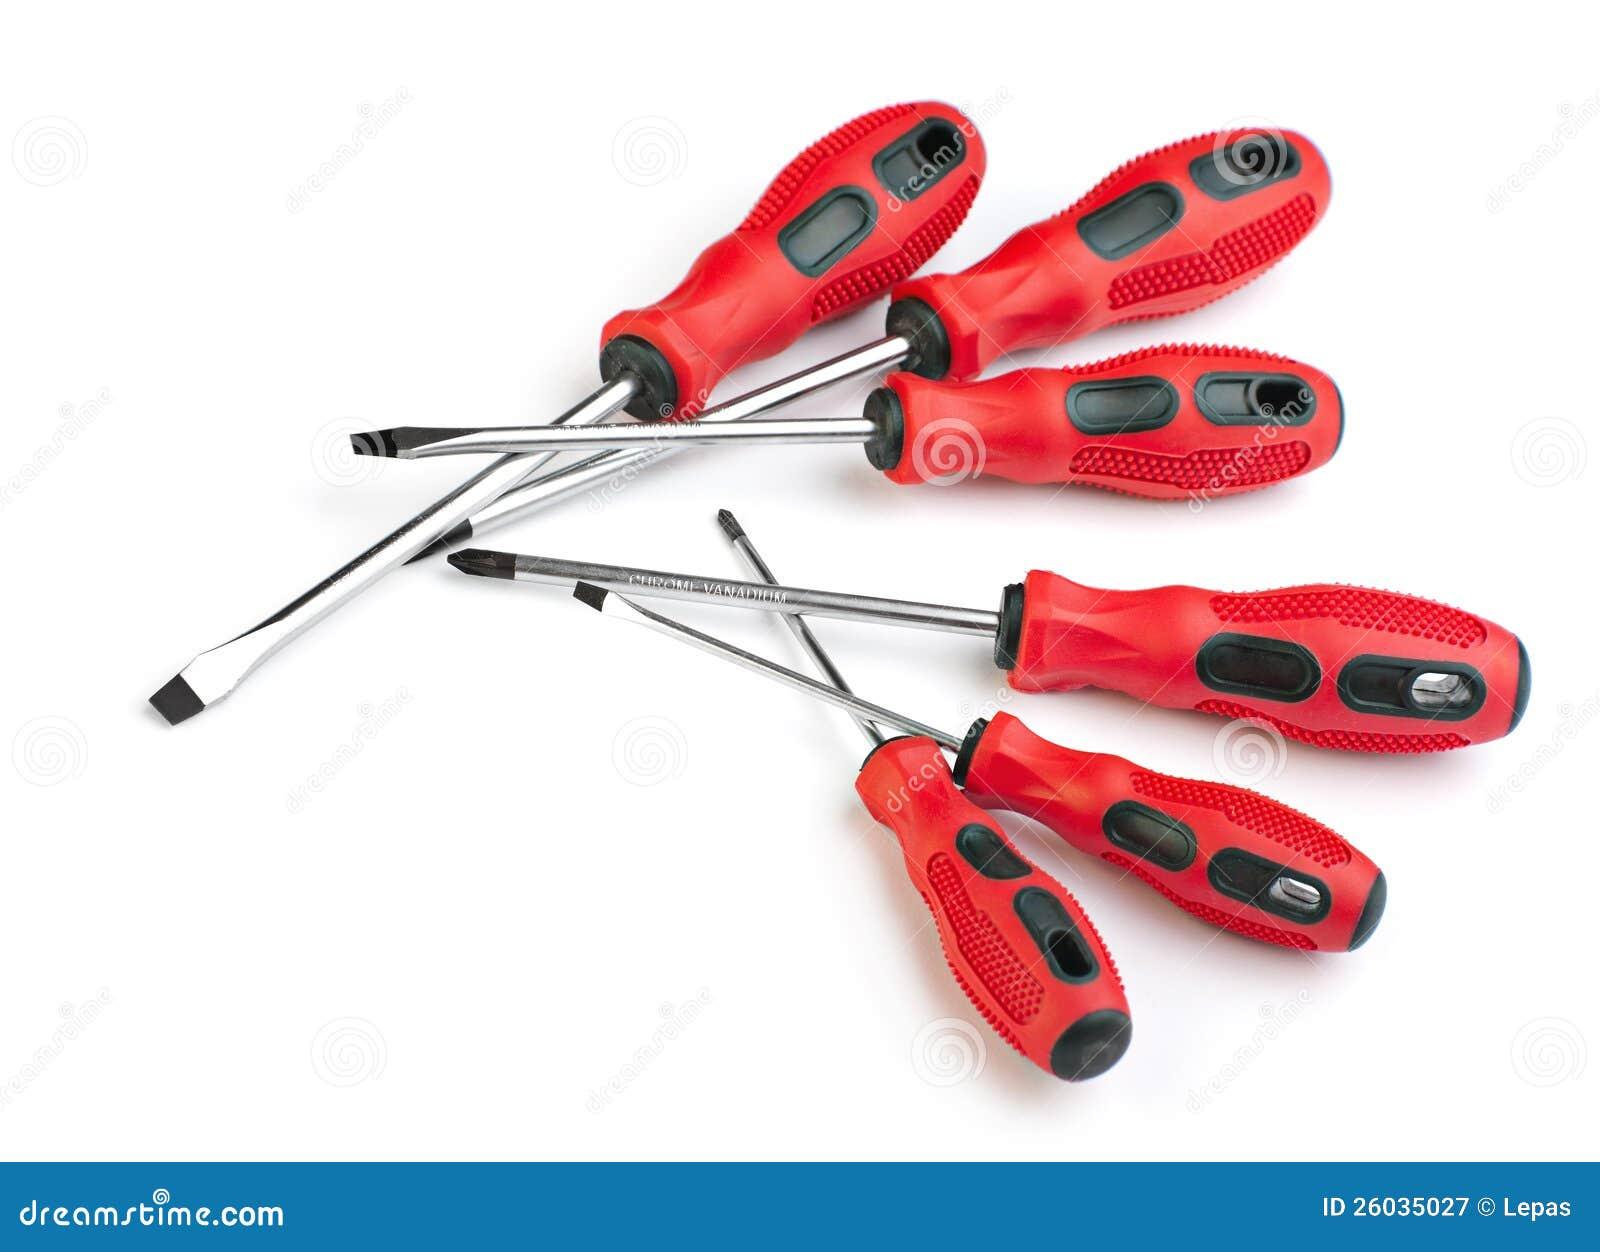 Screwdriver Tool